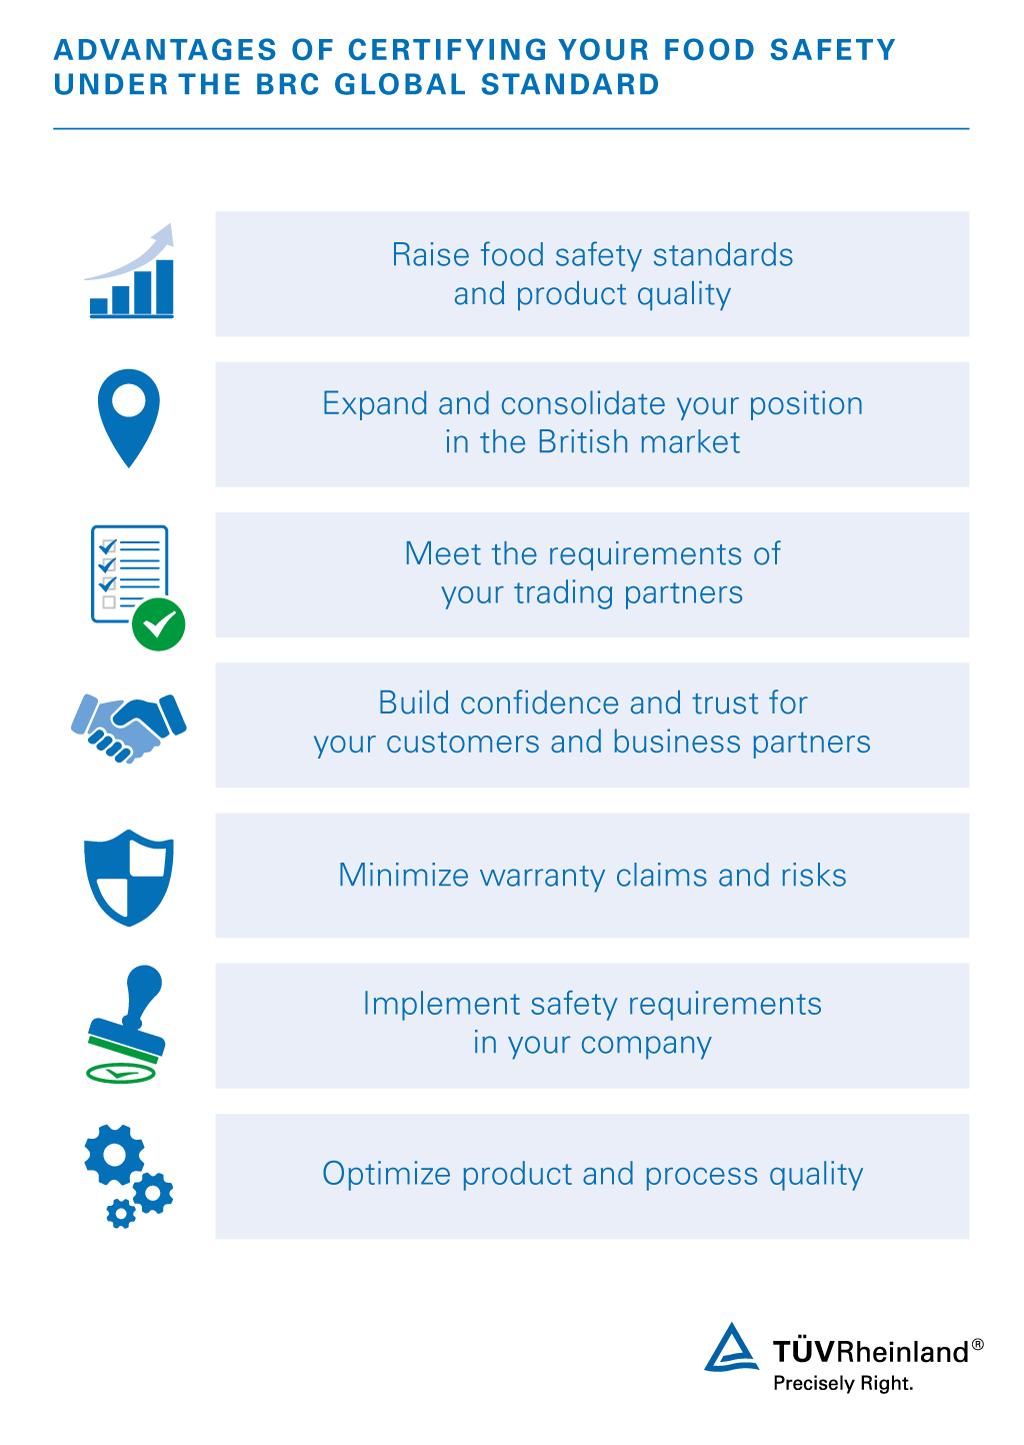 BRC GS for Food Safety | TR | TÜV Rheinland